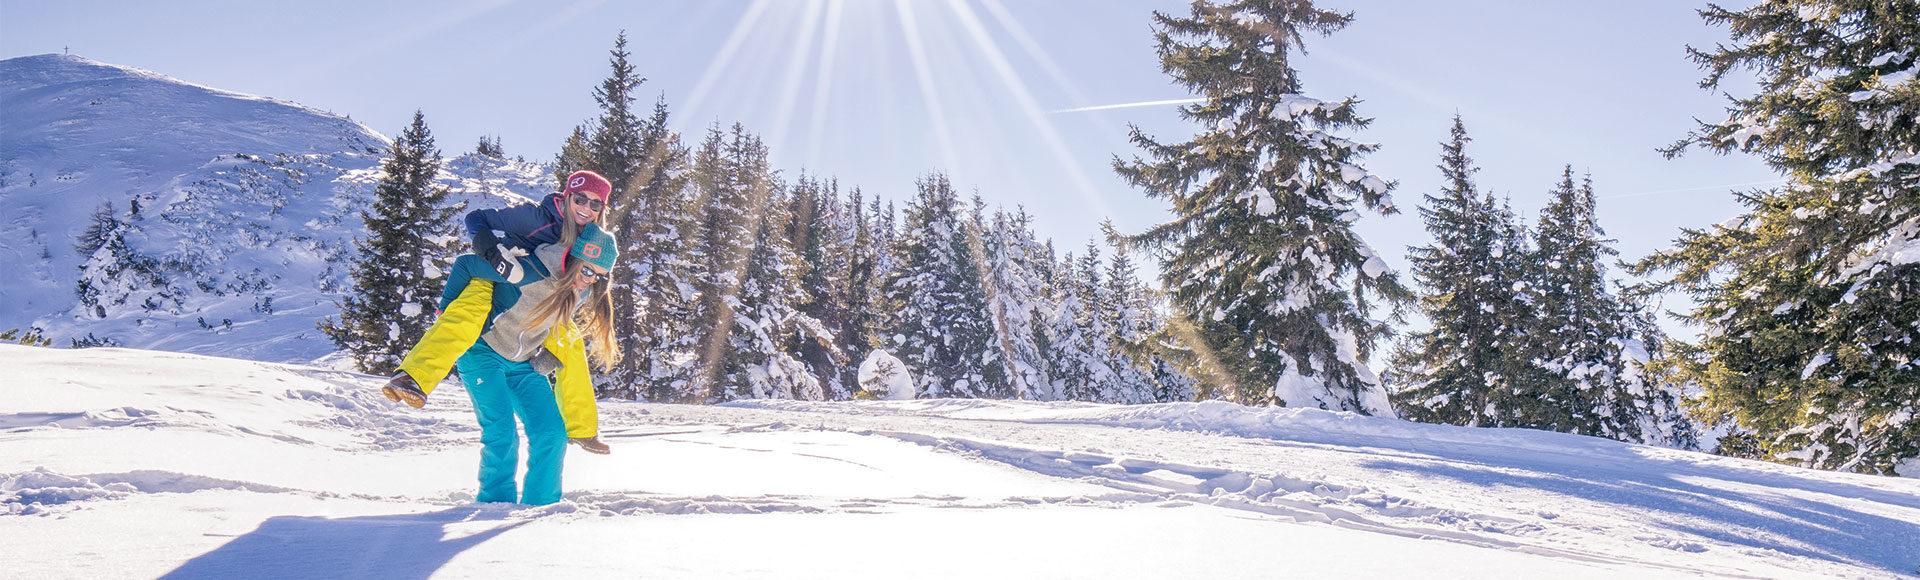 Schneespaß - Winterurlaub in der Region Schladming-Dachstein